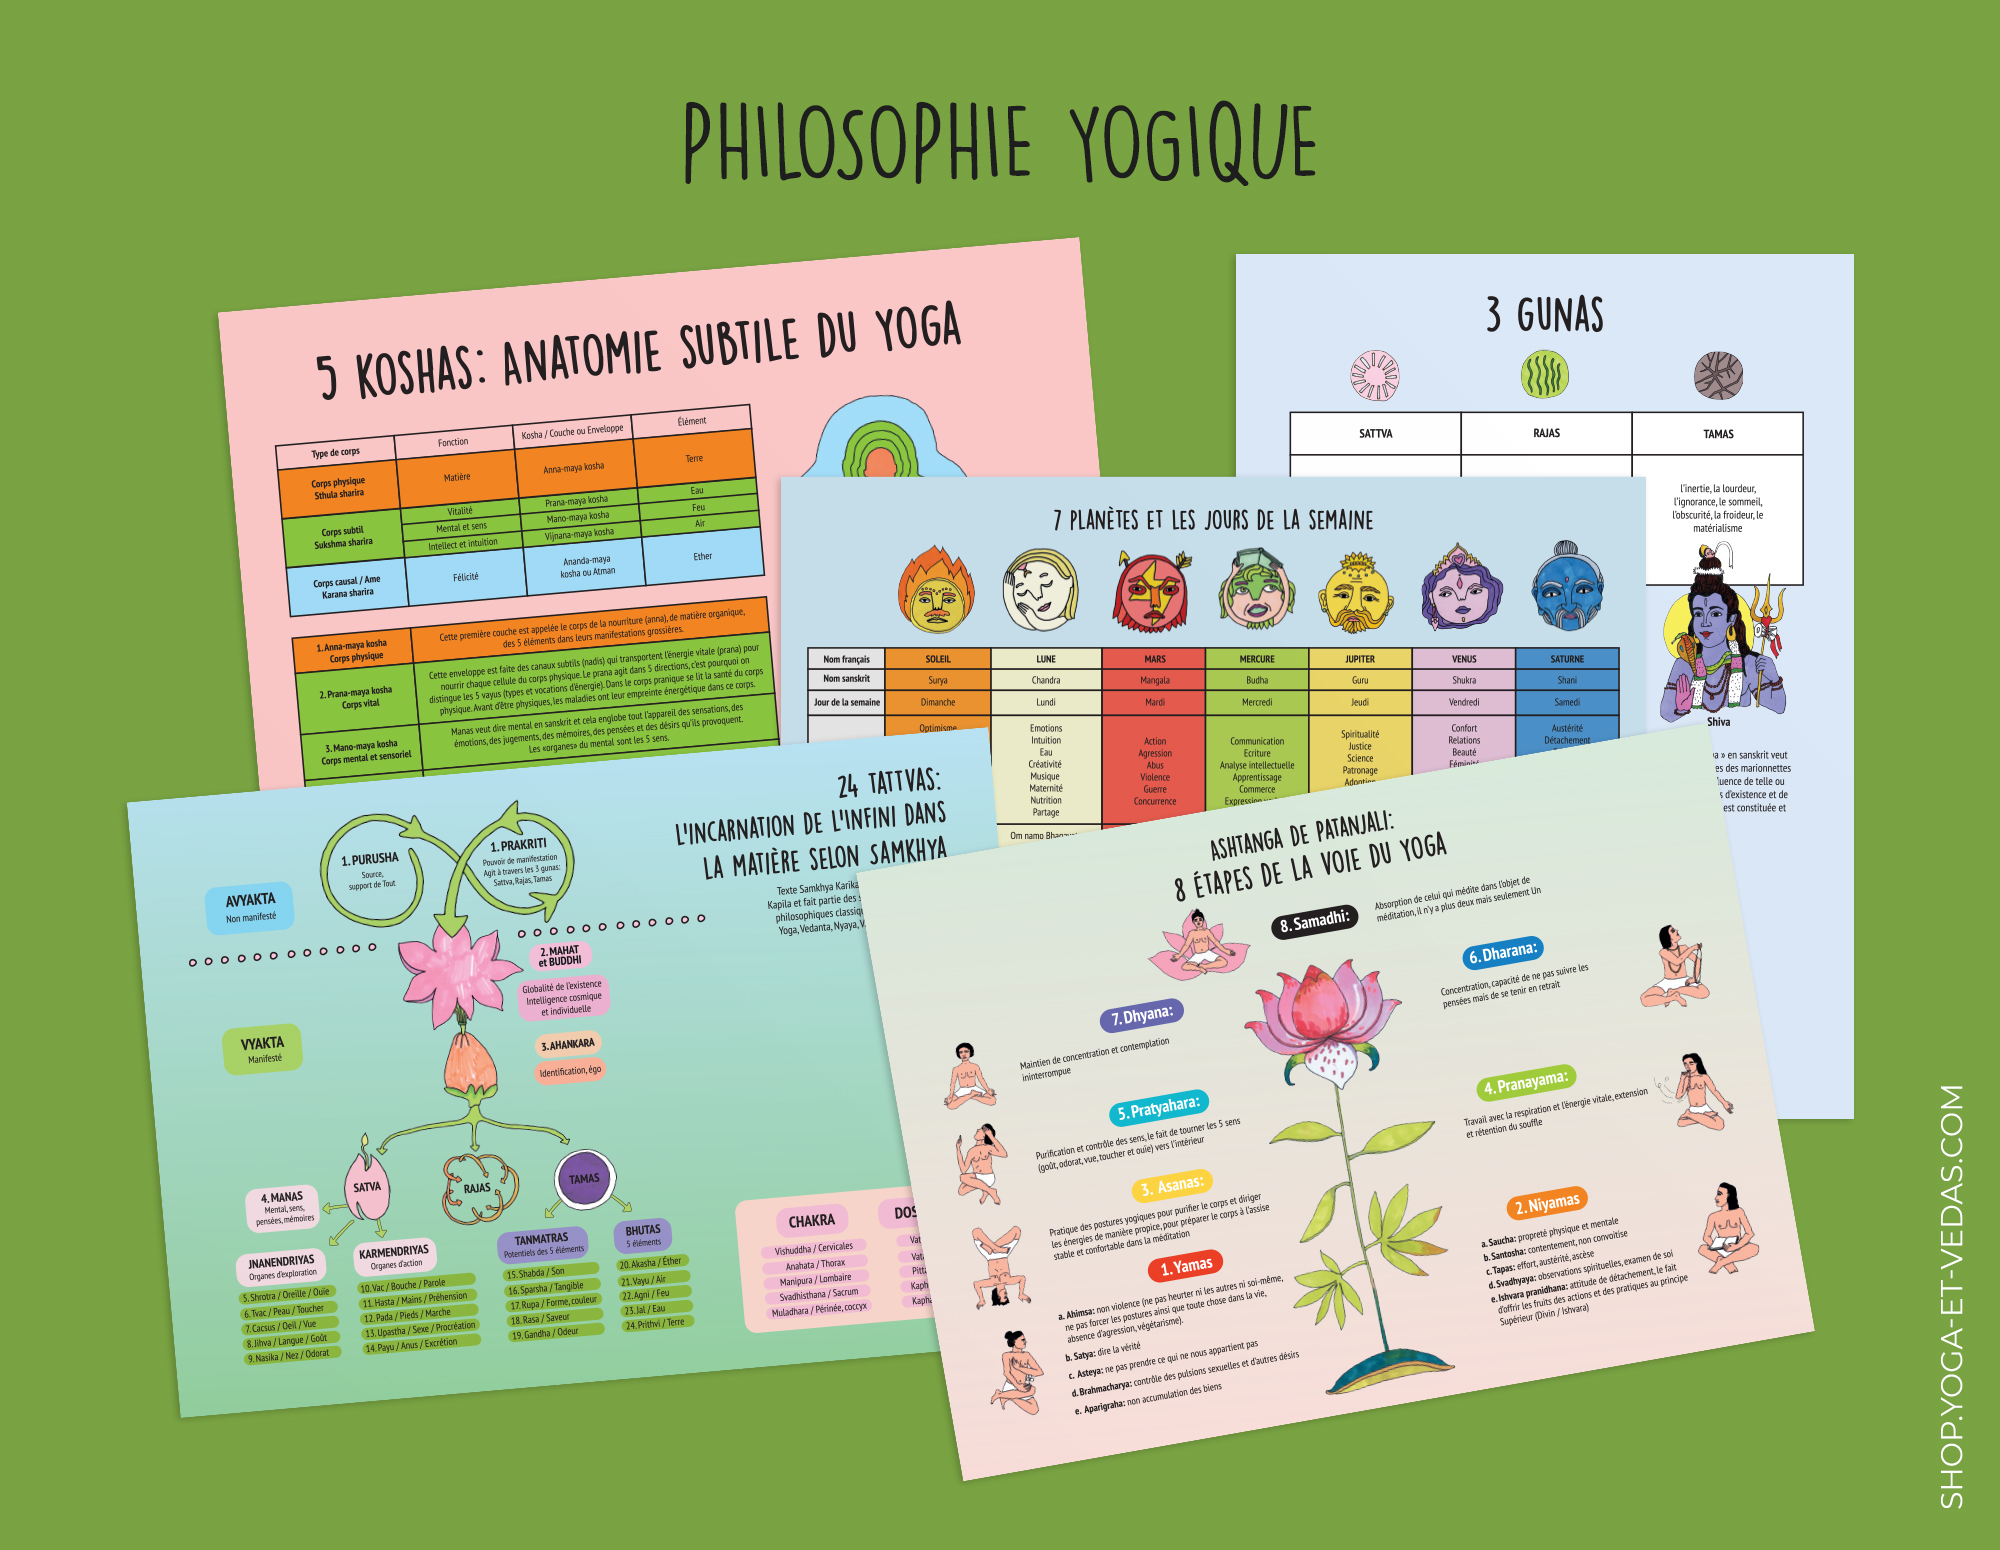 40 Fiches A4 yogiques et ayurvédiques - Philosophie yogique - Shop Yoga&Vedas